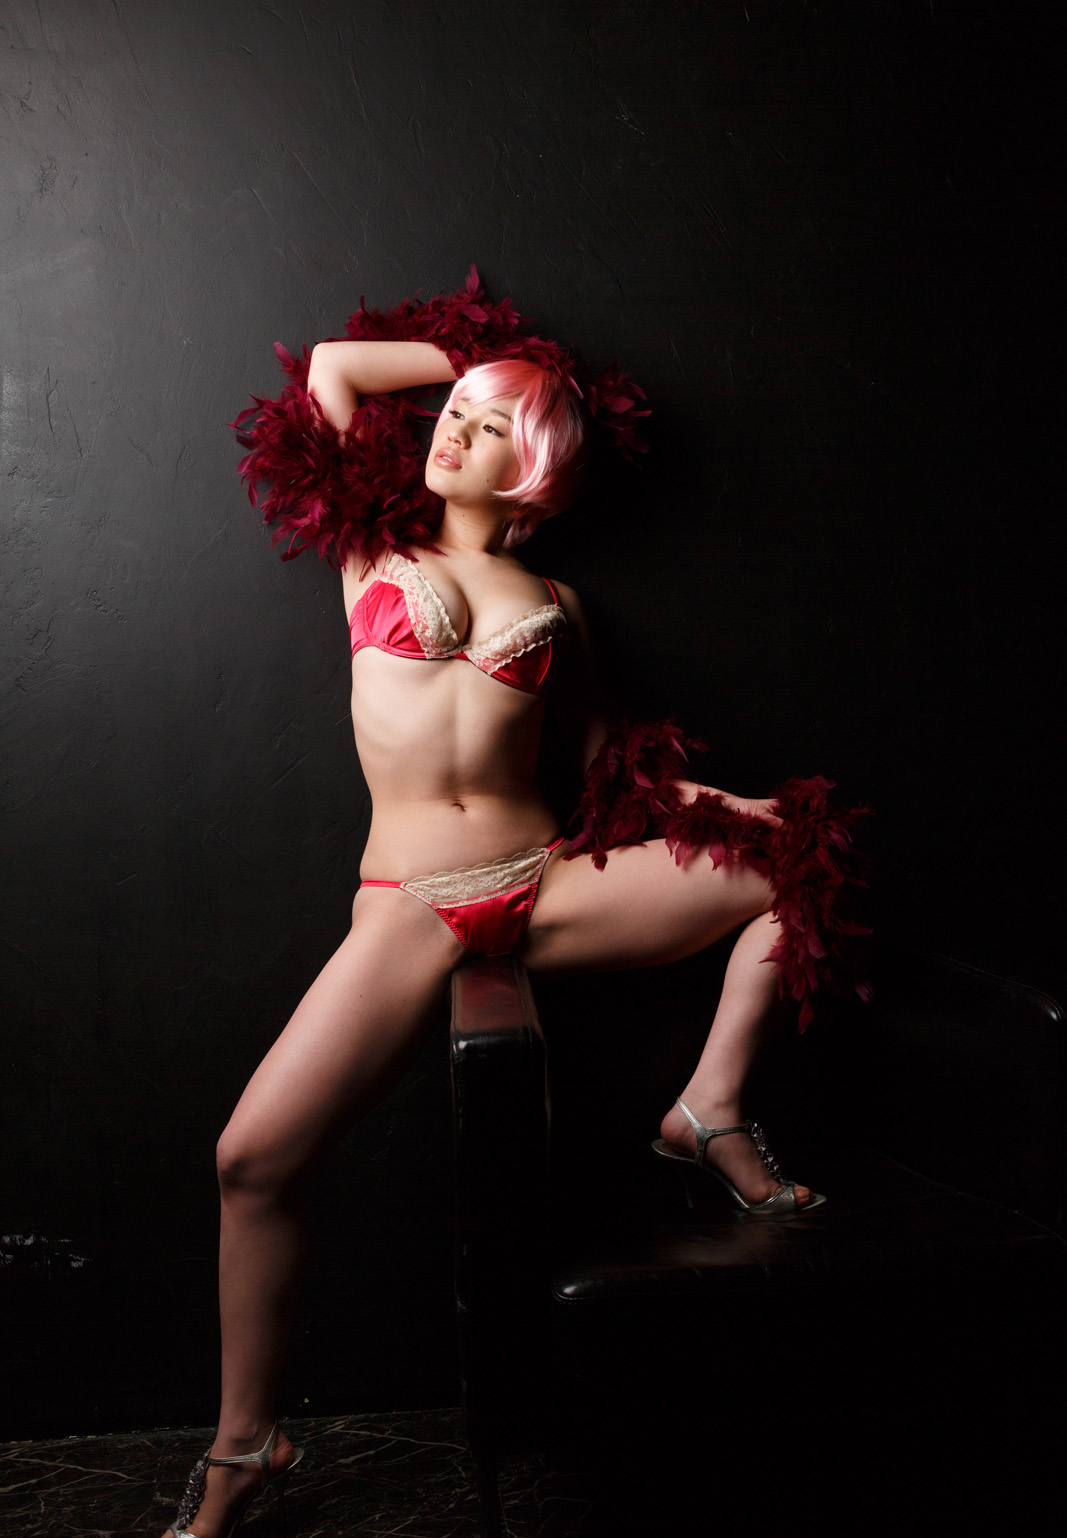 本田莉子 画像 80